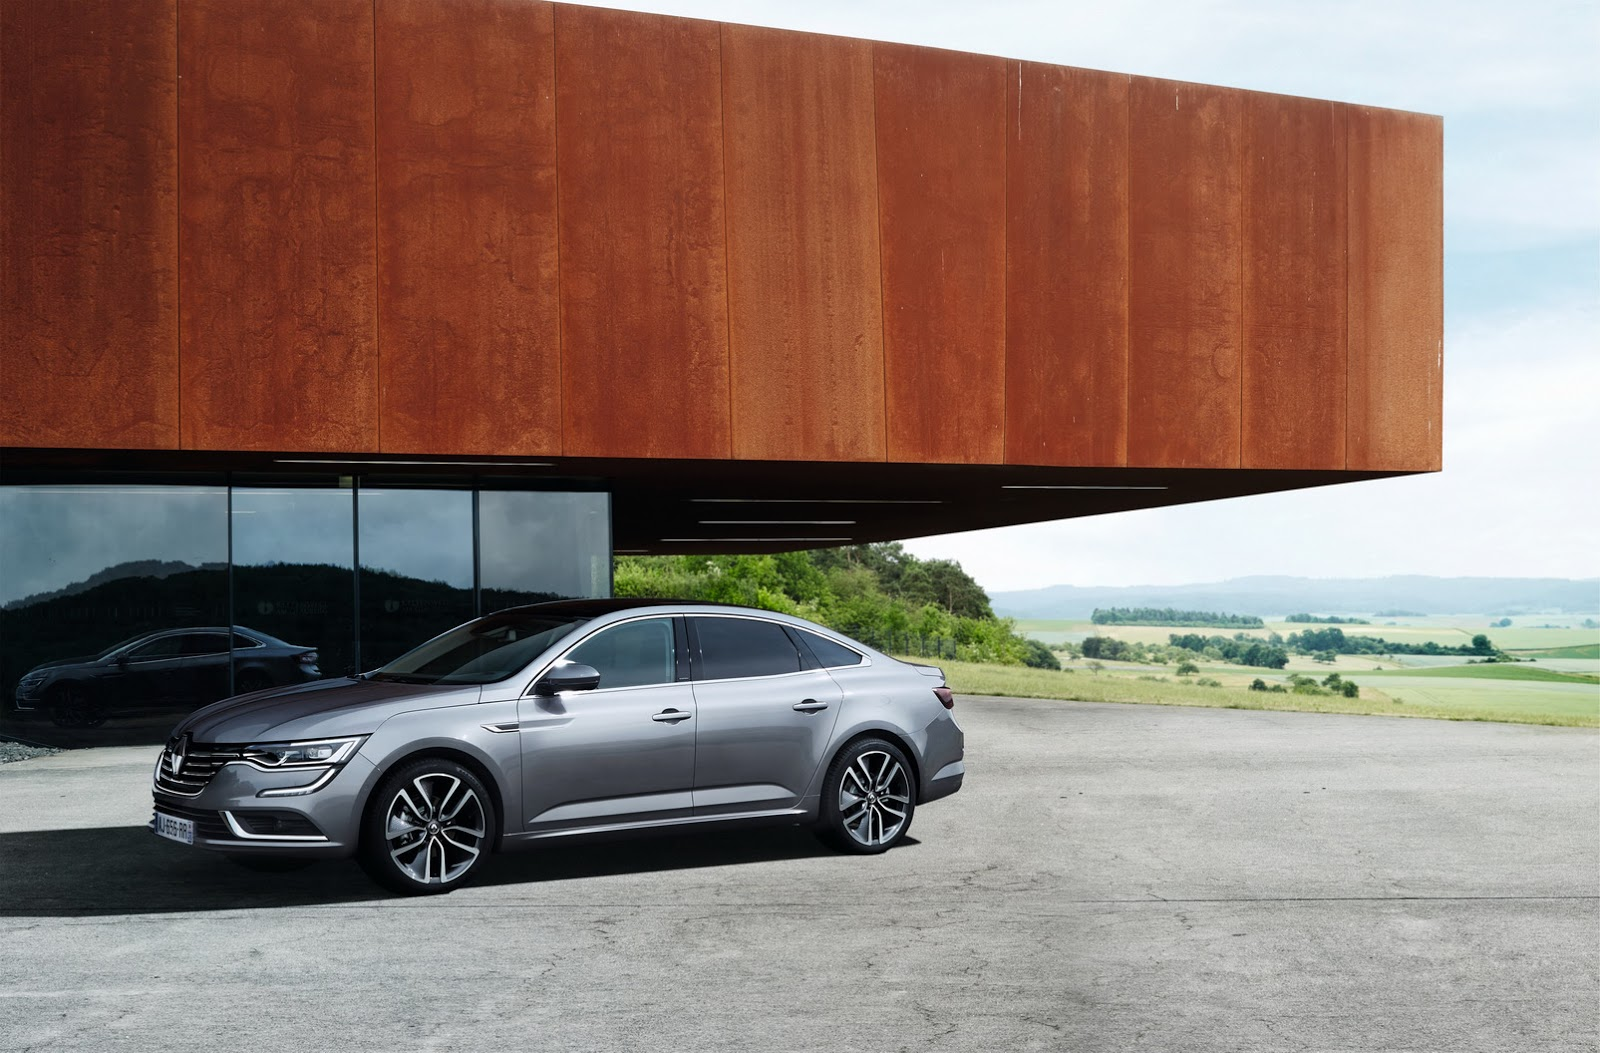 New-Renault-Talisman-0021.jpg